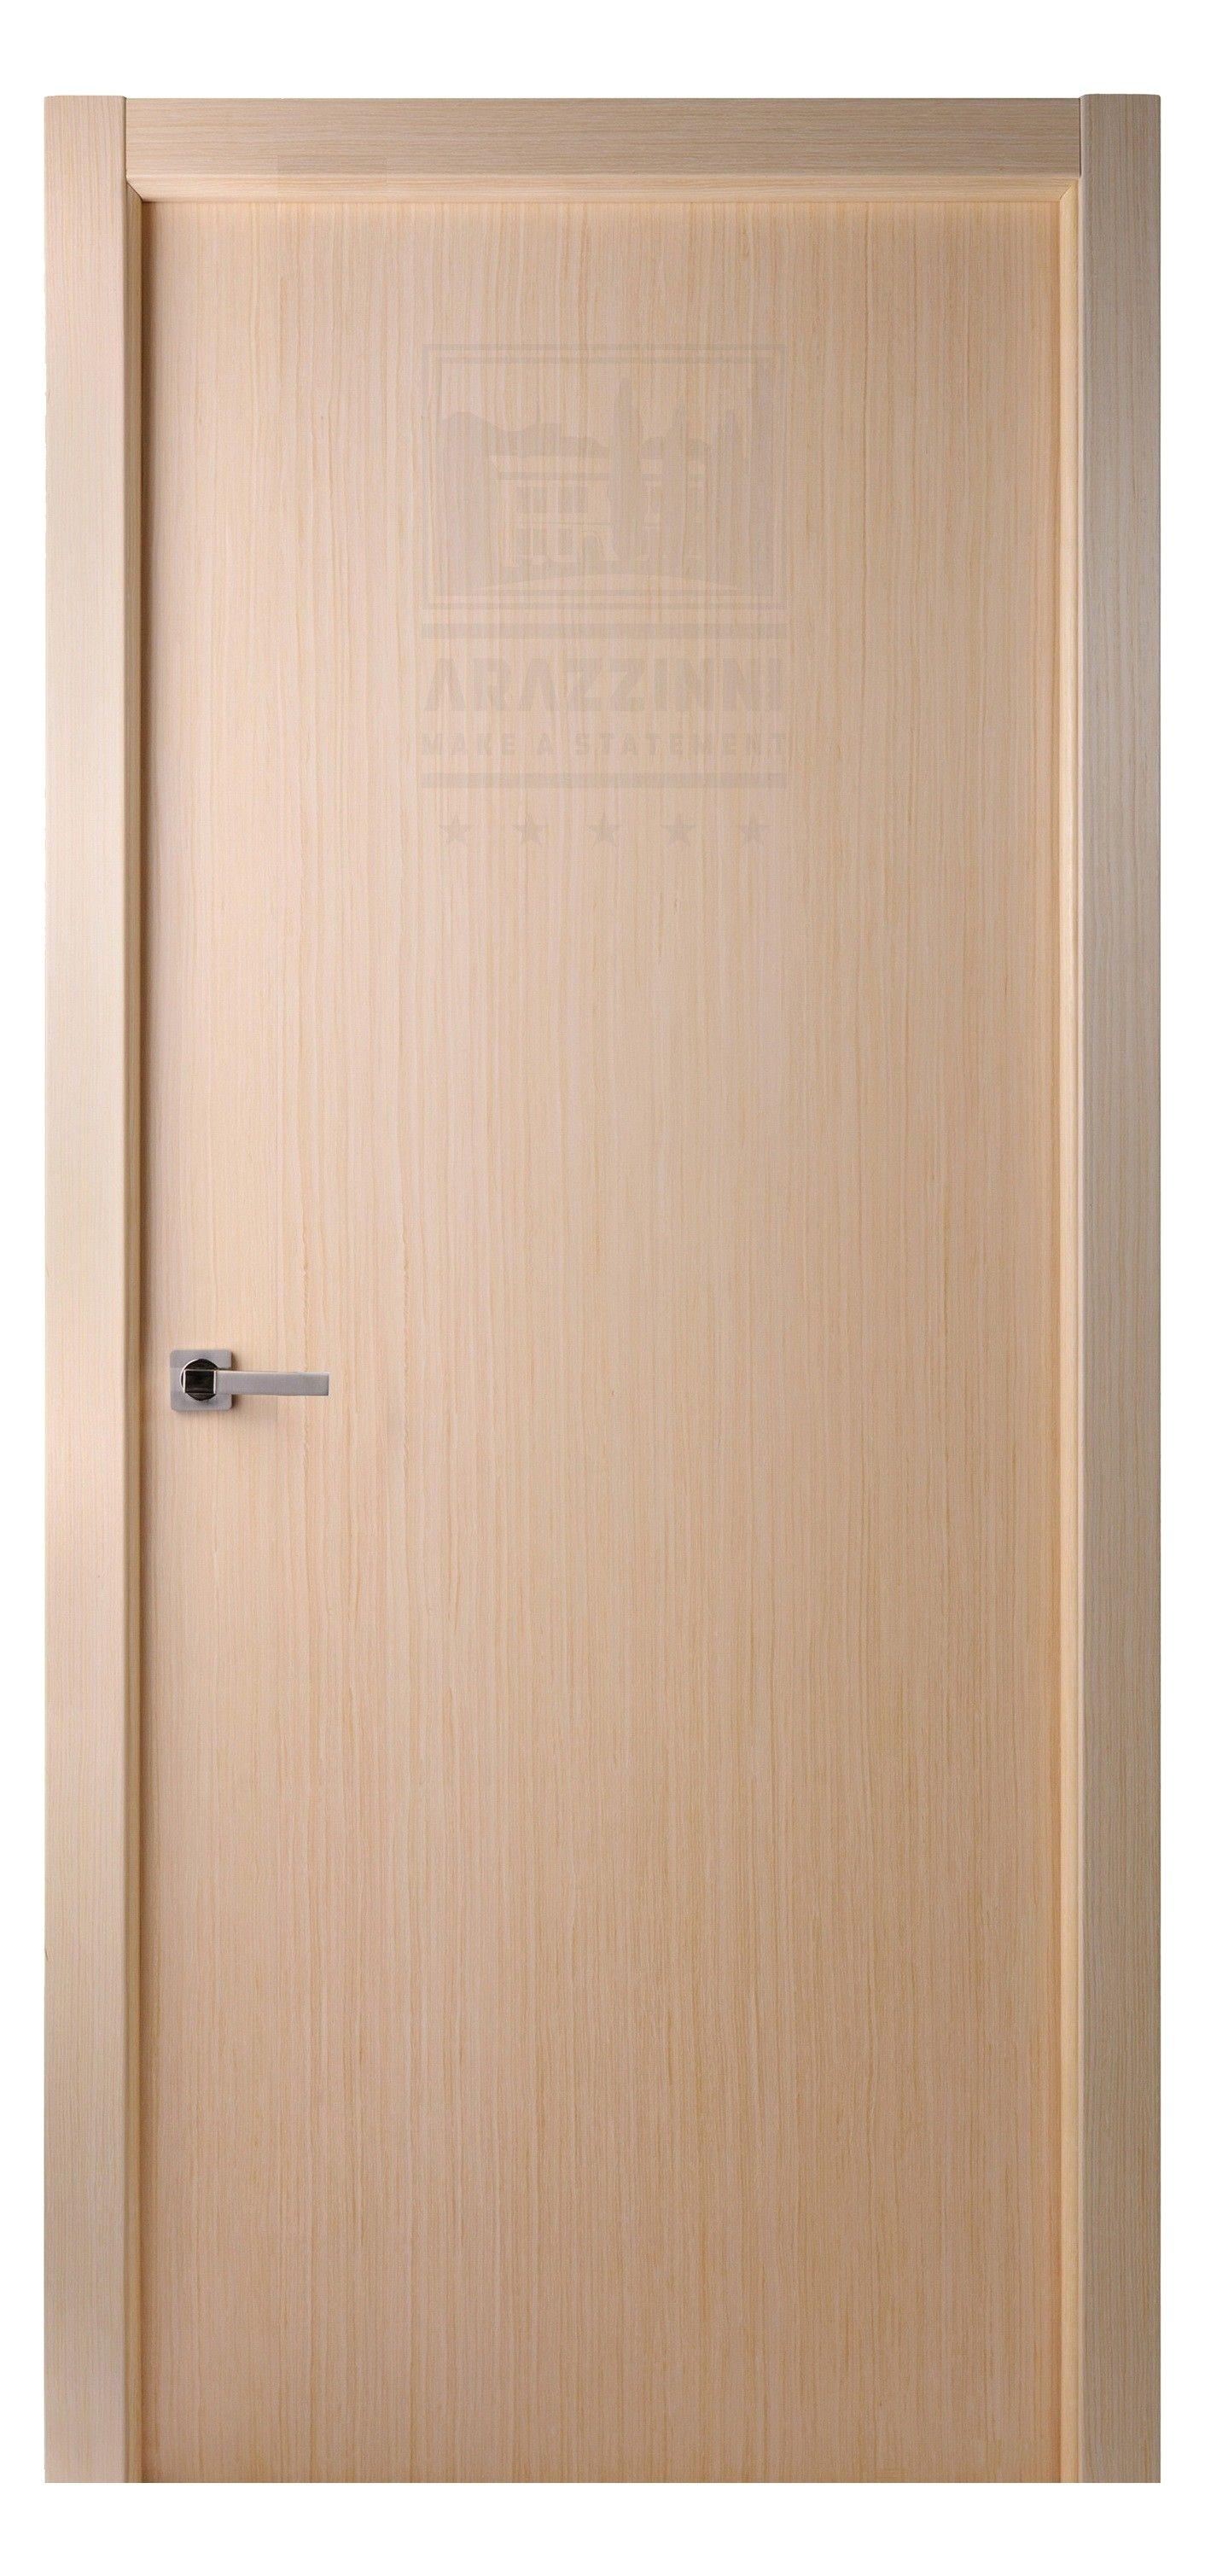 8ft solid Wood Interior Doors Classica Ultra 8 Ft Interior Door Bleached Oak Exotic Wood Veneer